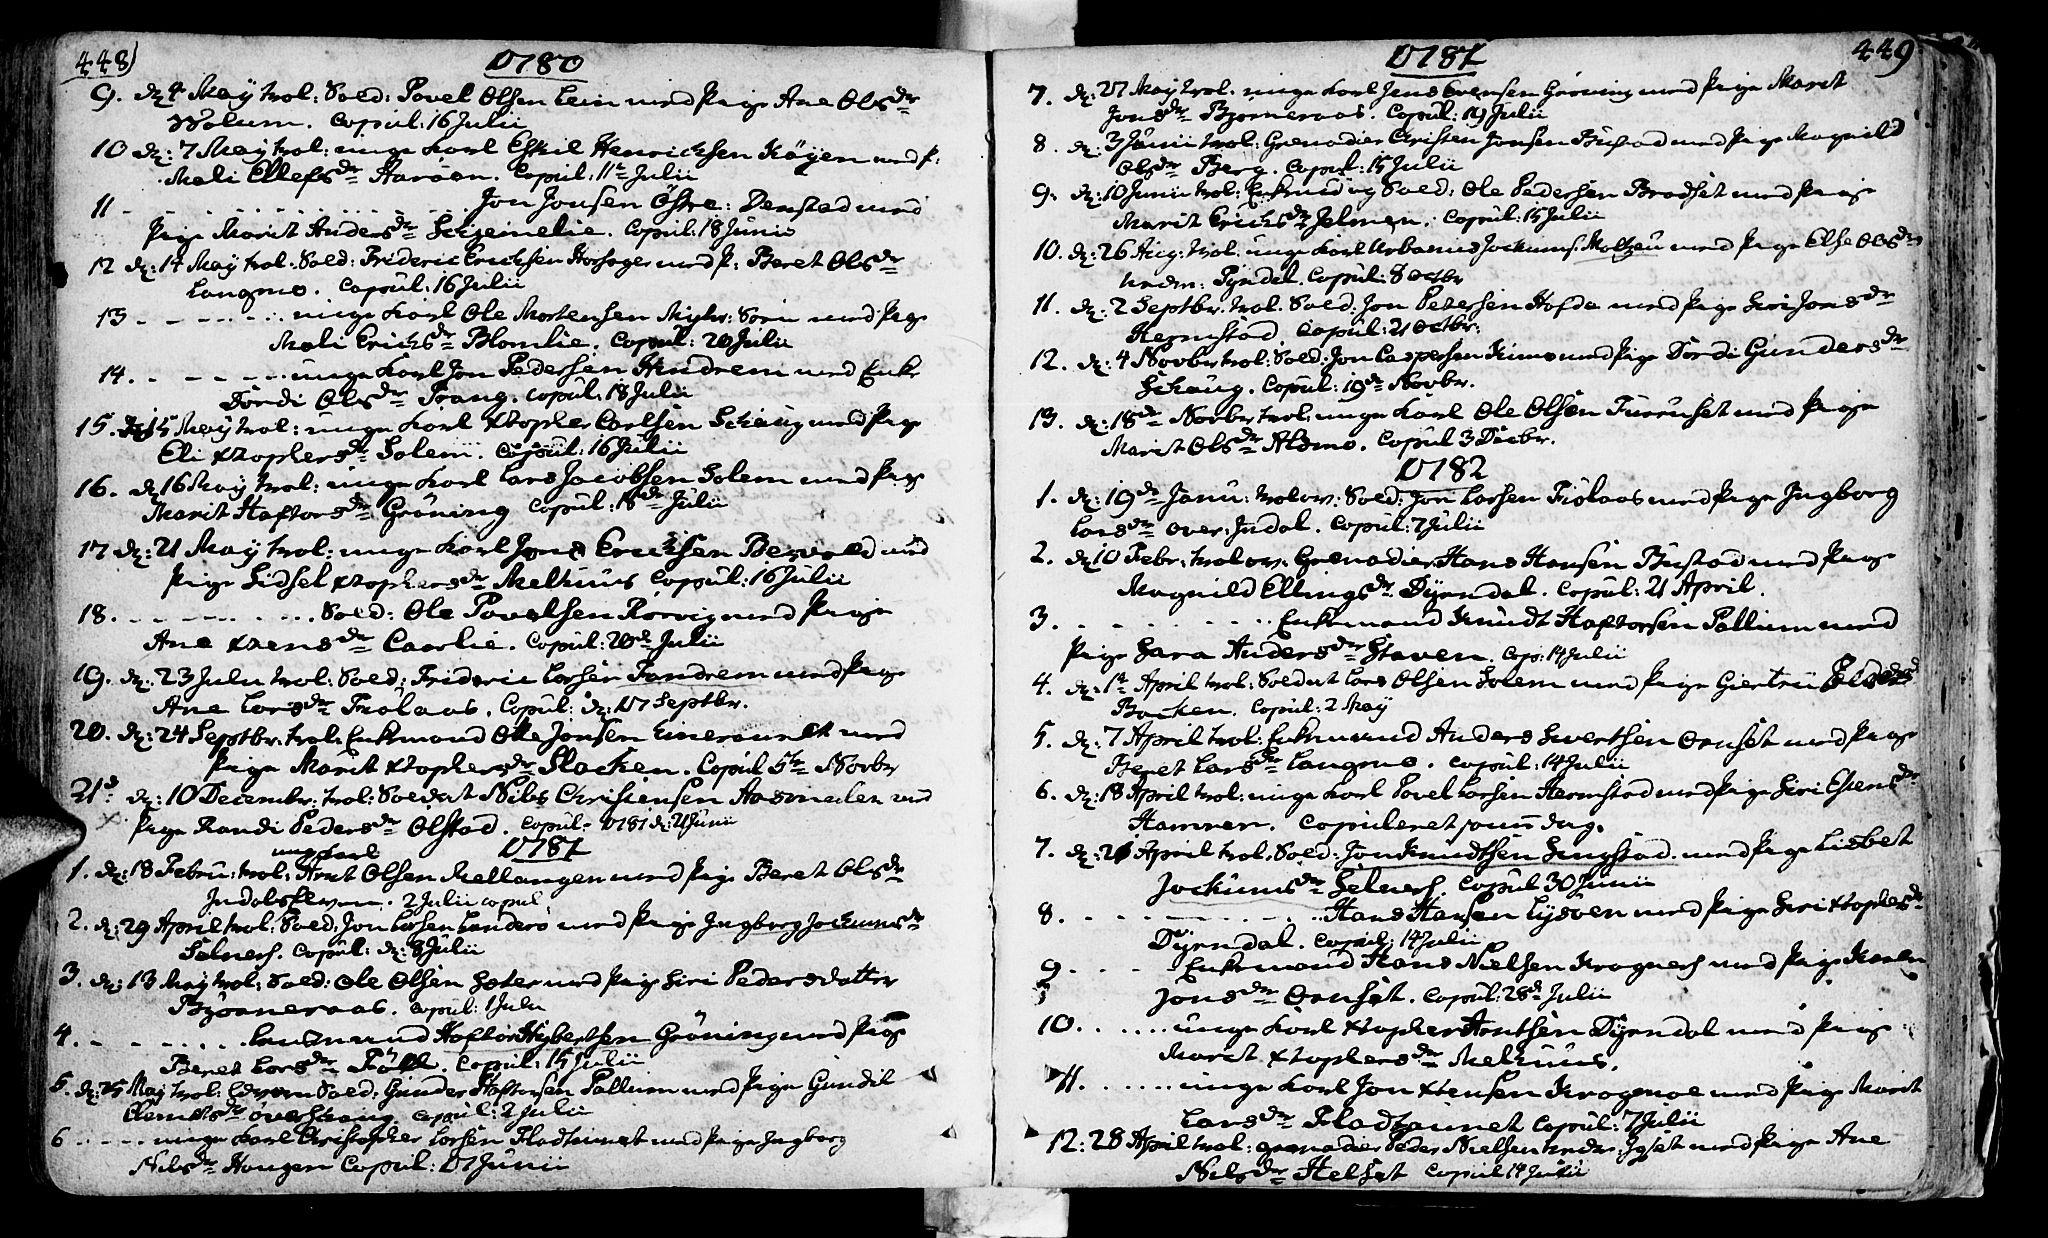 SAT, Ministerialprotokoller, klokkerbøker og fødselsregistre - Sør-Trøndelag, 646/L0605: Ministerialbok nr. 646A03, 1751-1790, s. 448-449